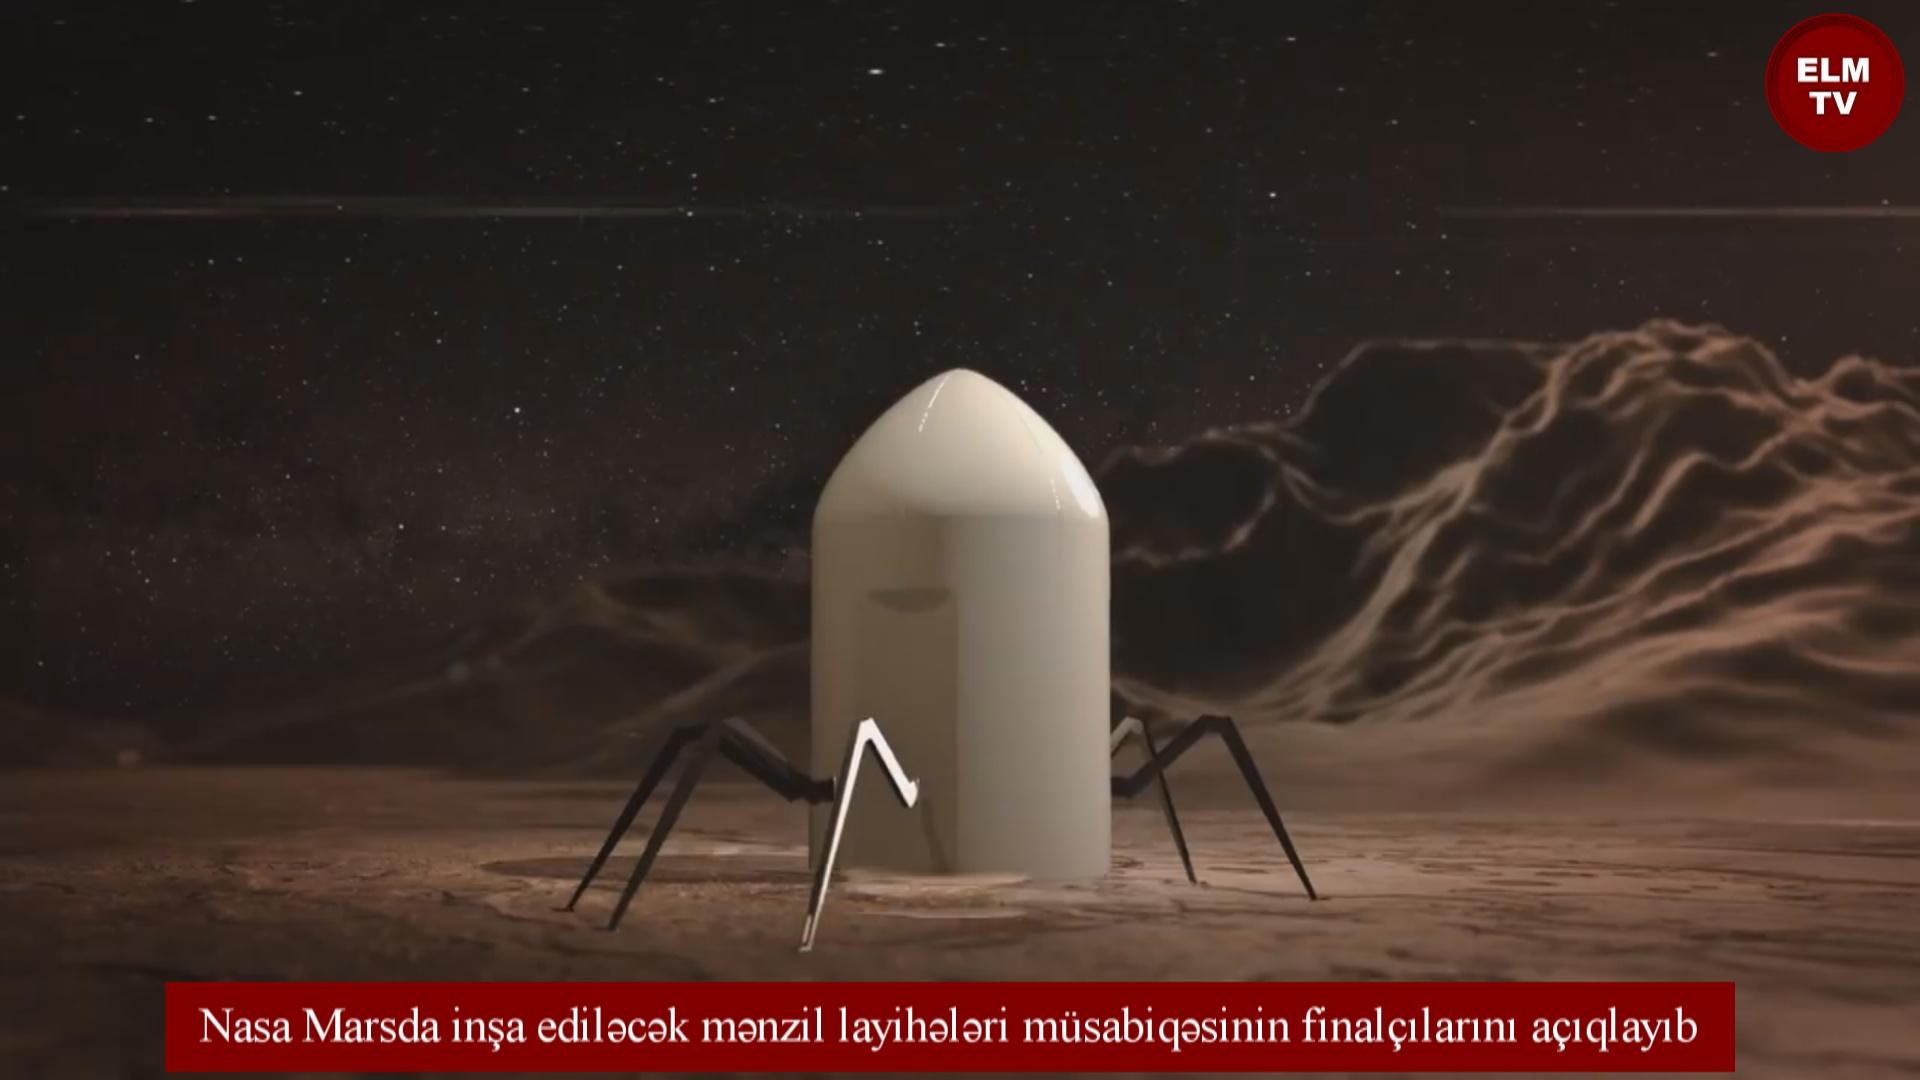 Nasa Marsda inşa ediləcək mənzil layihələri müsabiqəsinin finalçılarını açıqlayıb